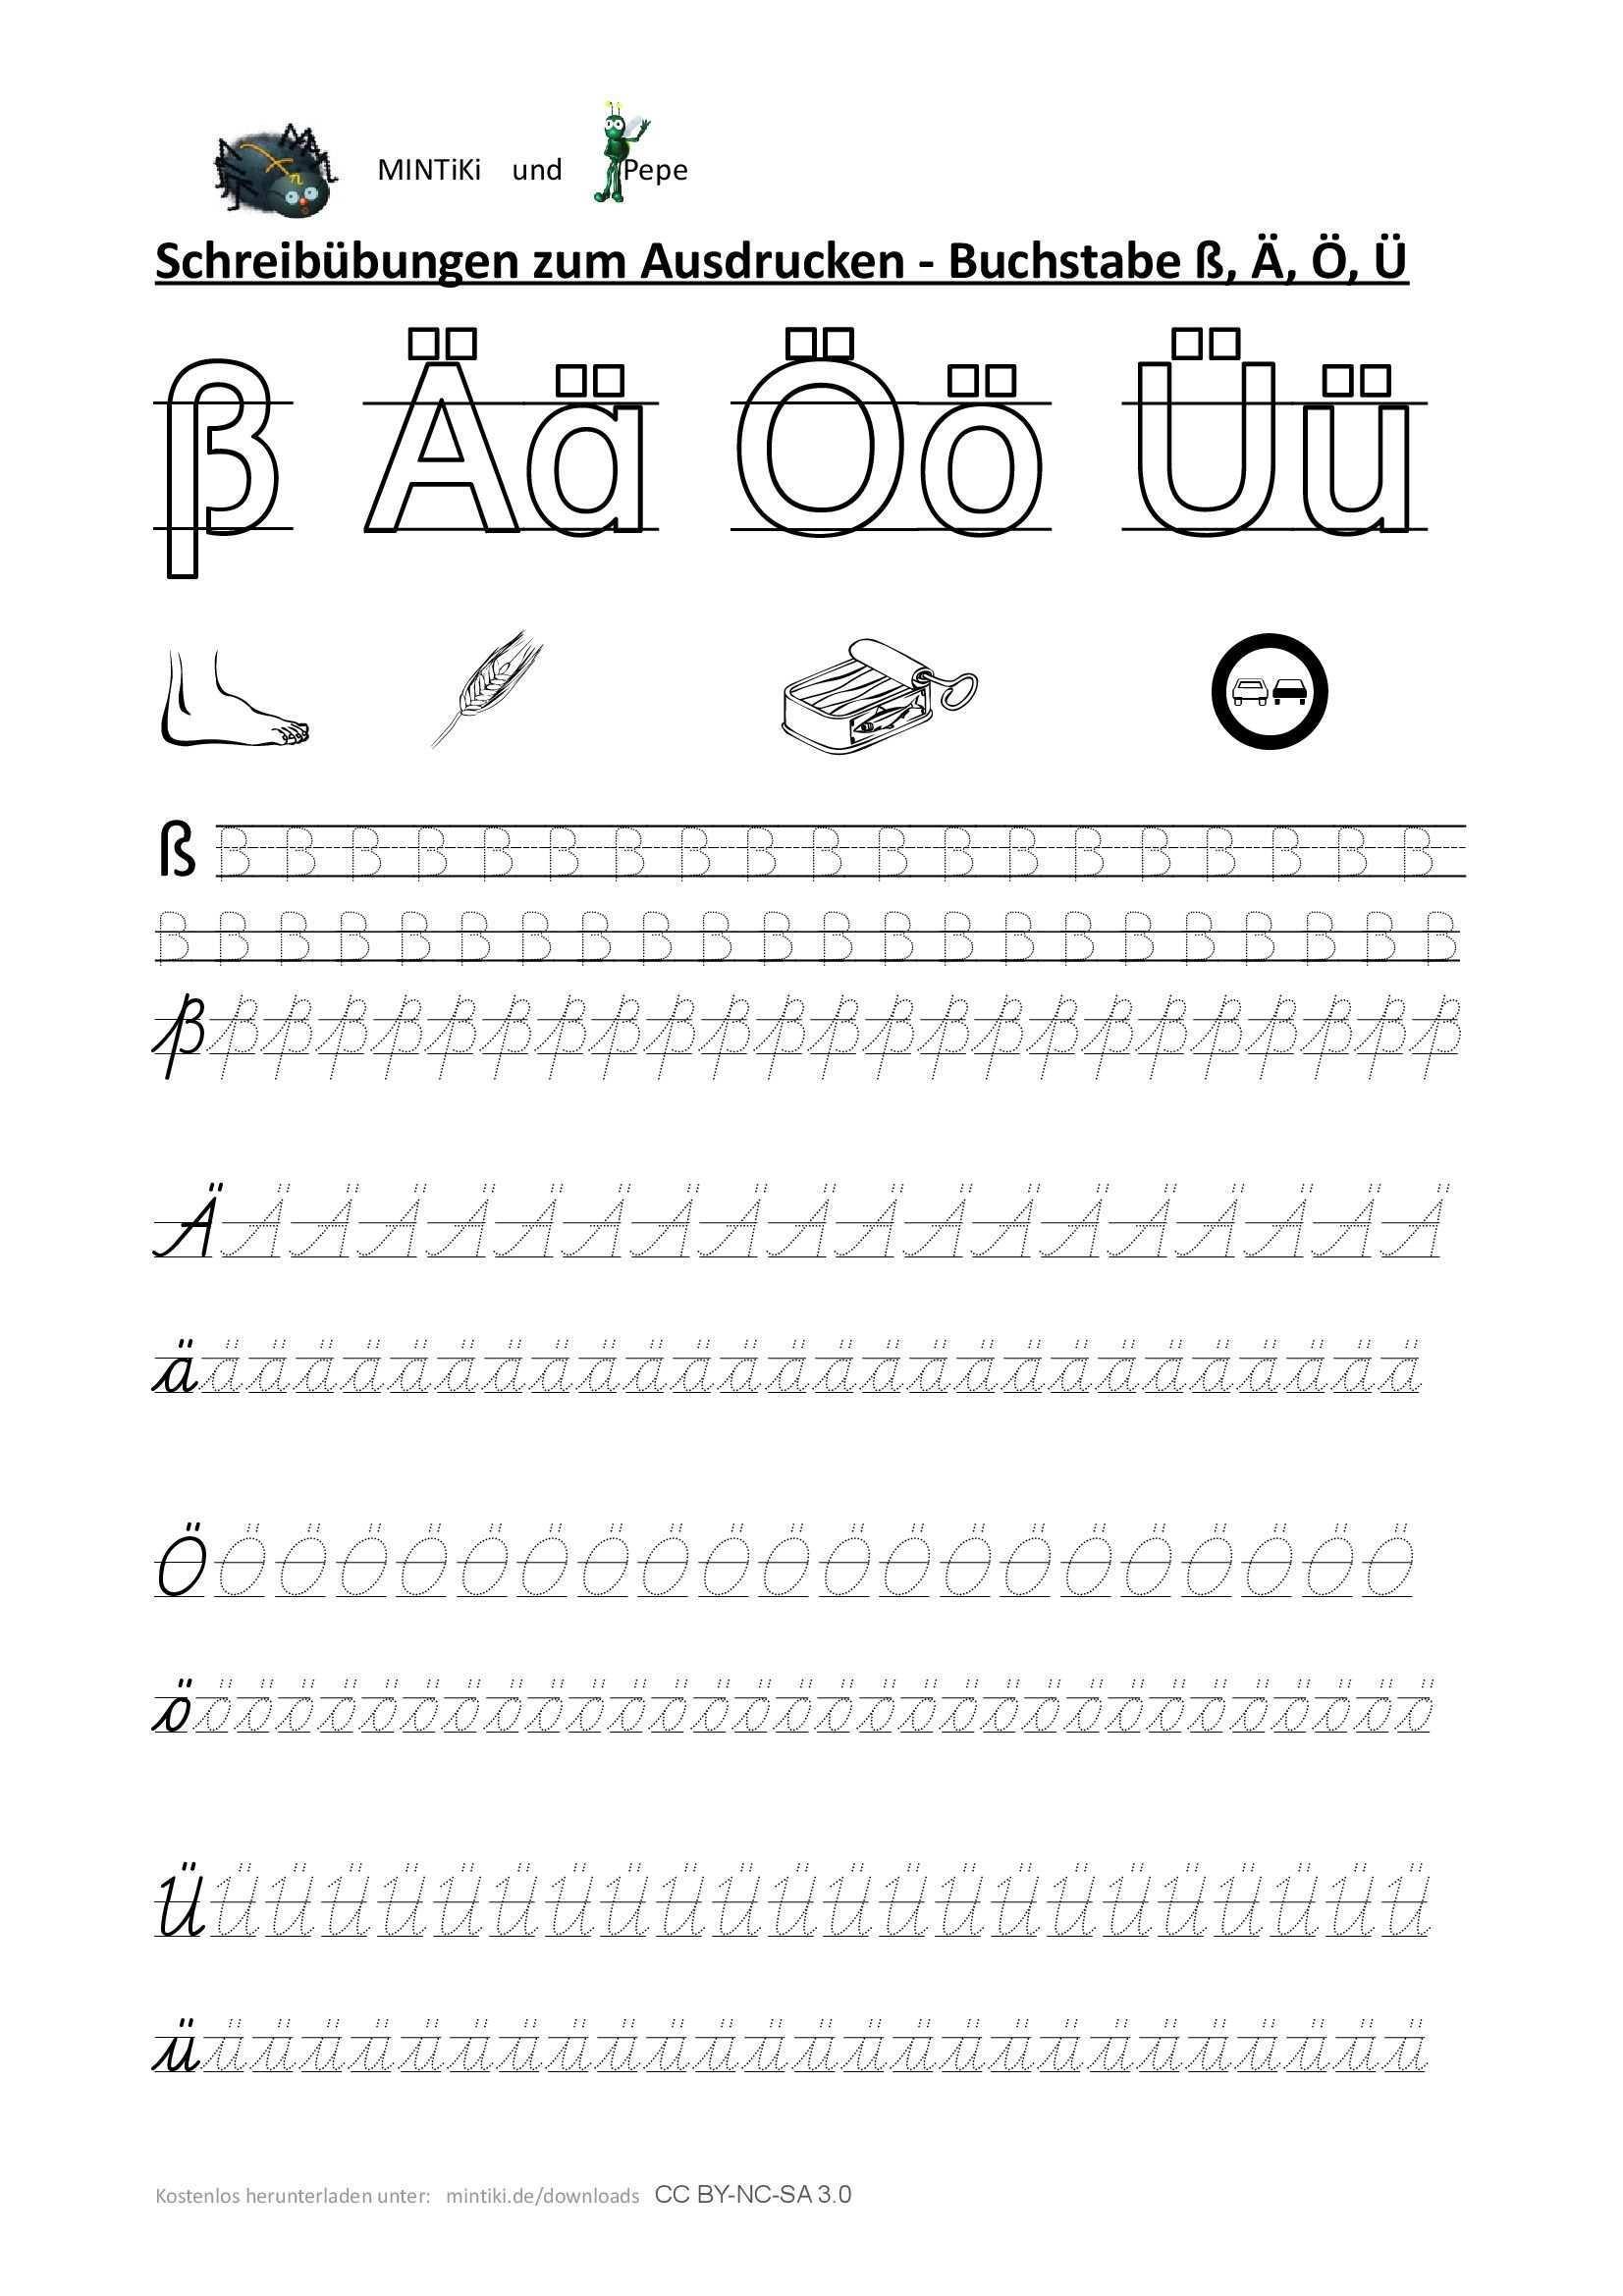 Schreibubung Buchstaben Sonderlaute Druckbuchstaben Schulausgangsschrift Sas Gepunktete Schrift Abc Er Druckbuchstaben Buchstaben Lernen Schreibubungen